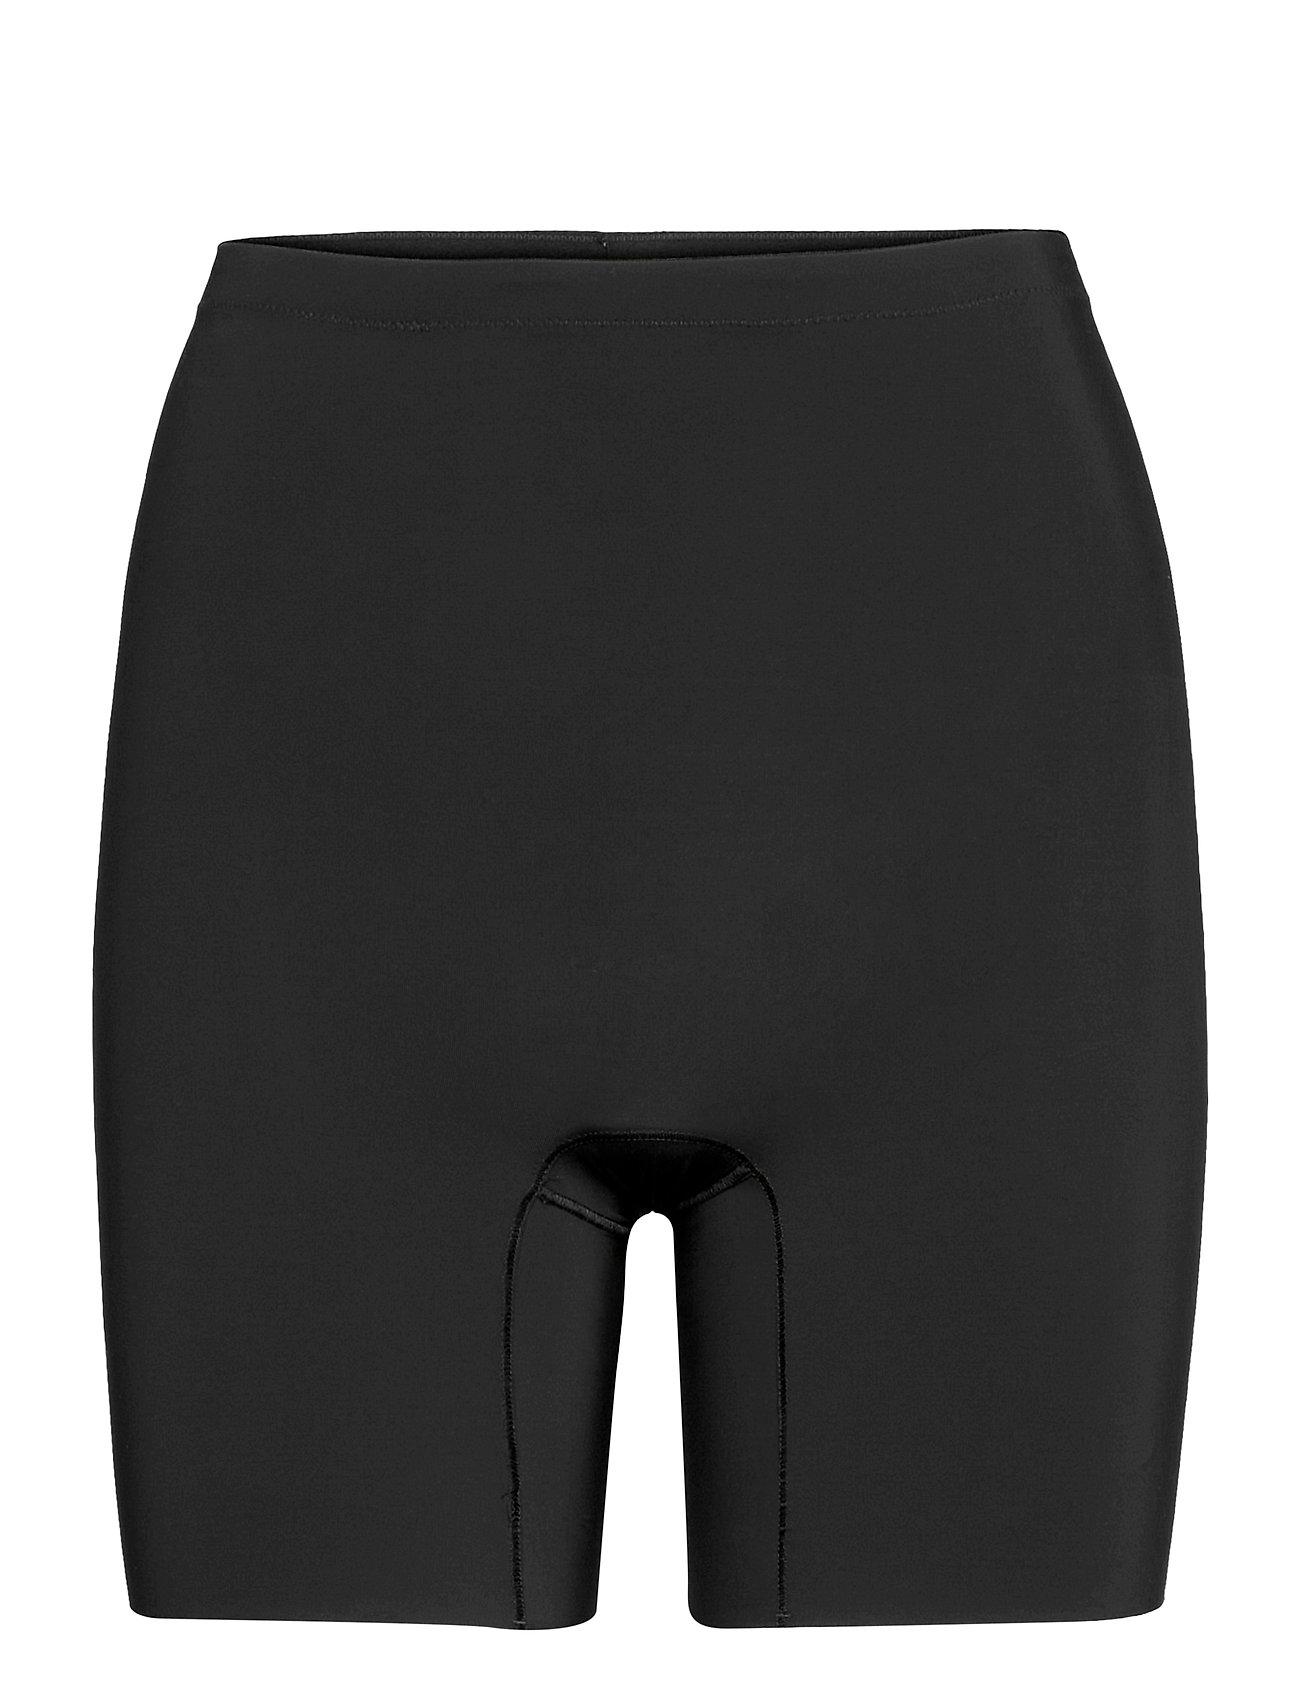 Girdle Biker Janelle Lingerie Shapewear Bottoms Sort Lindex